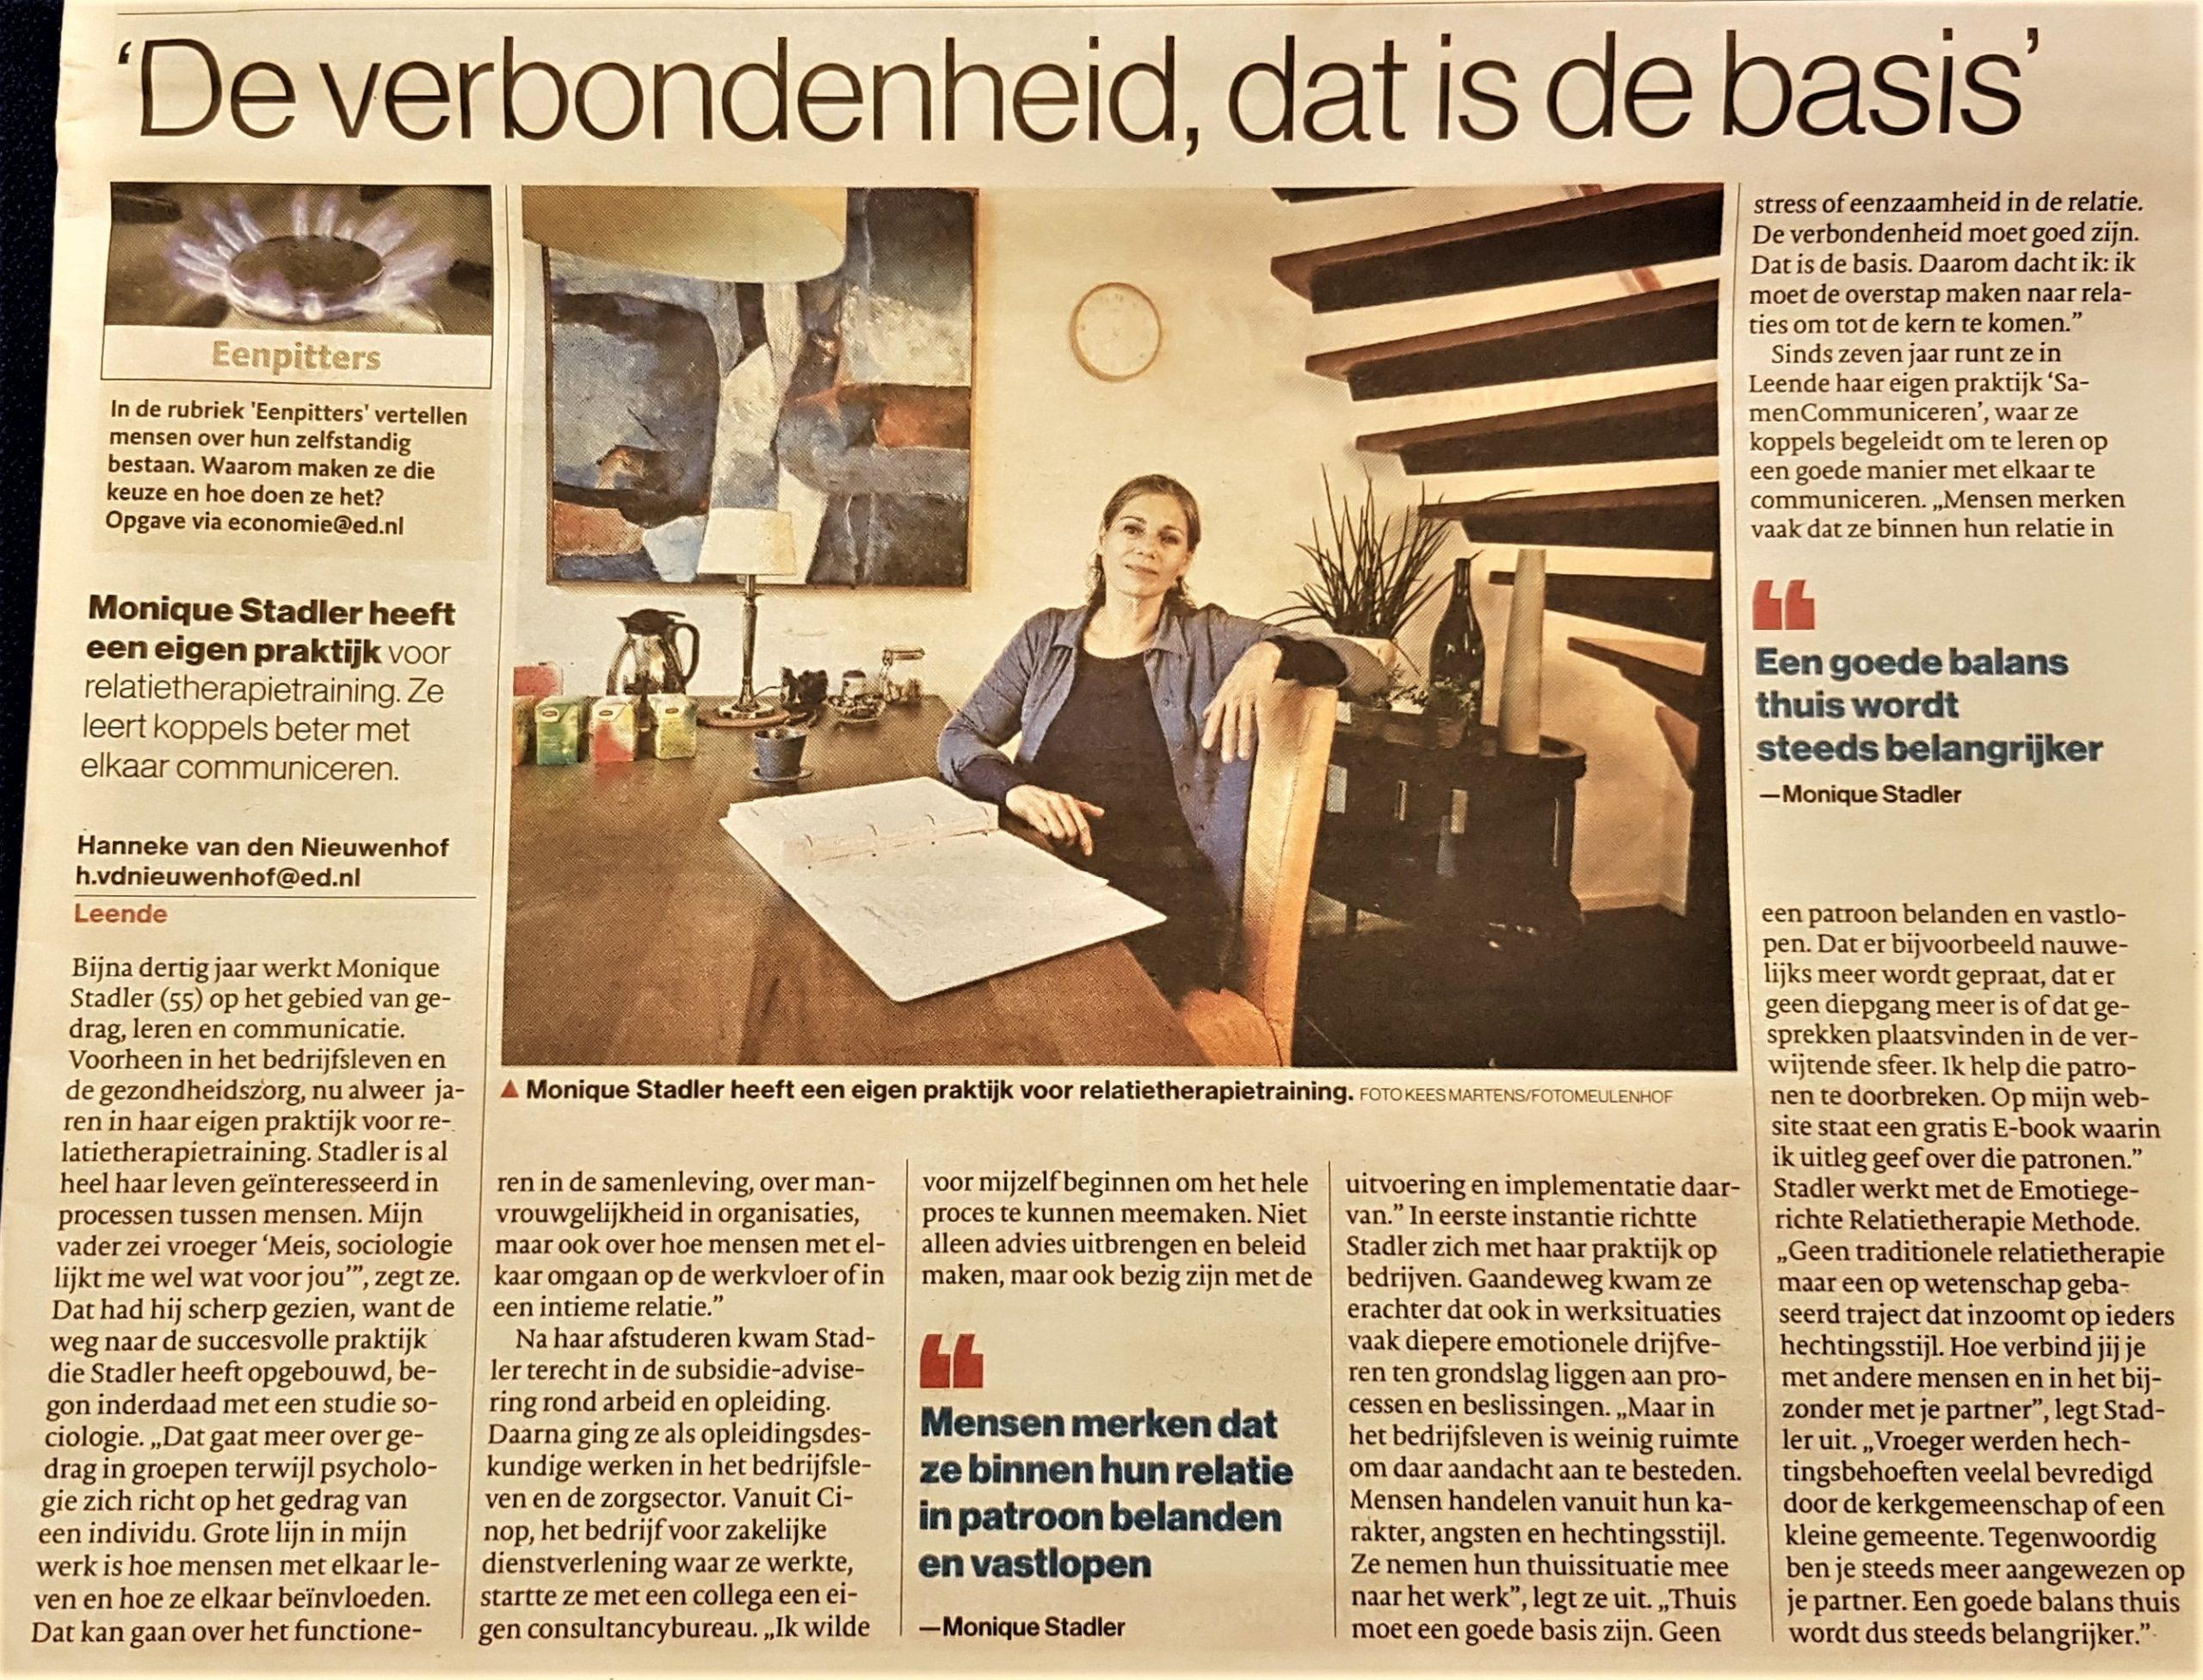 Publicatie Eindhovens Dagblad SamenCommuniceren